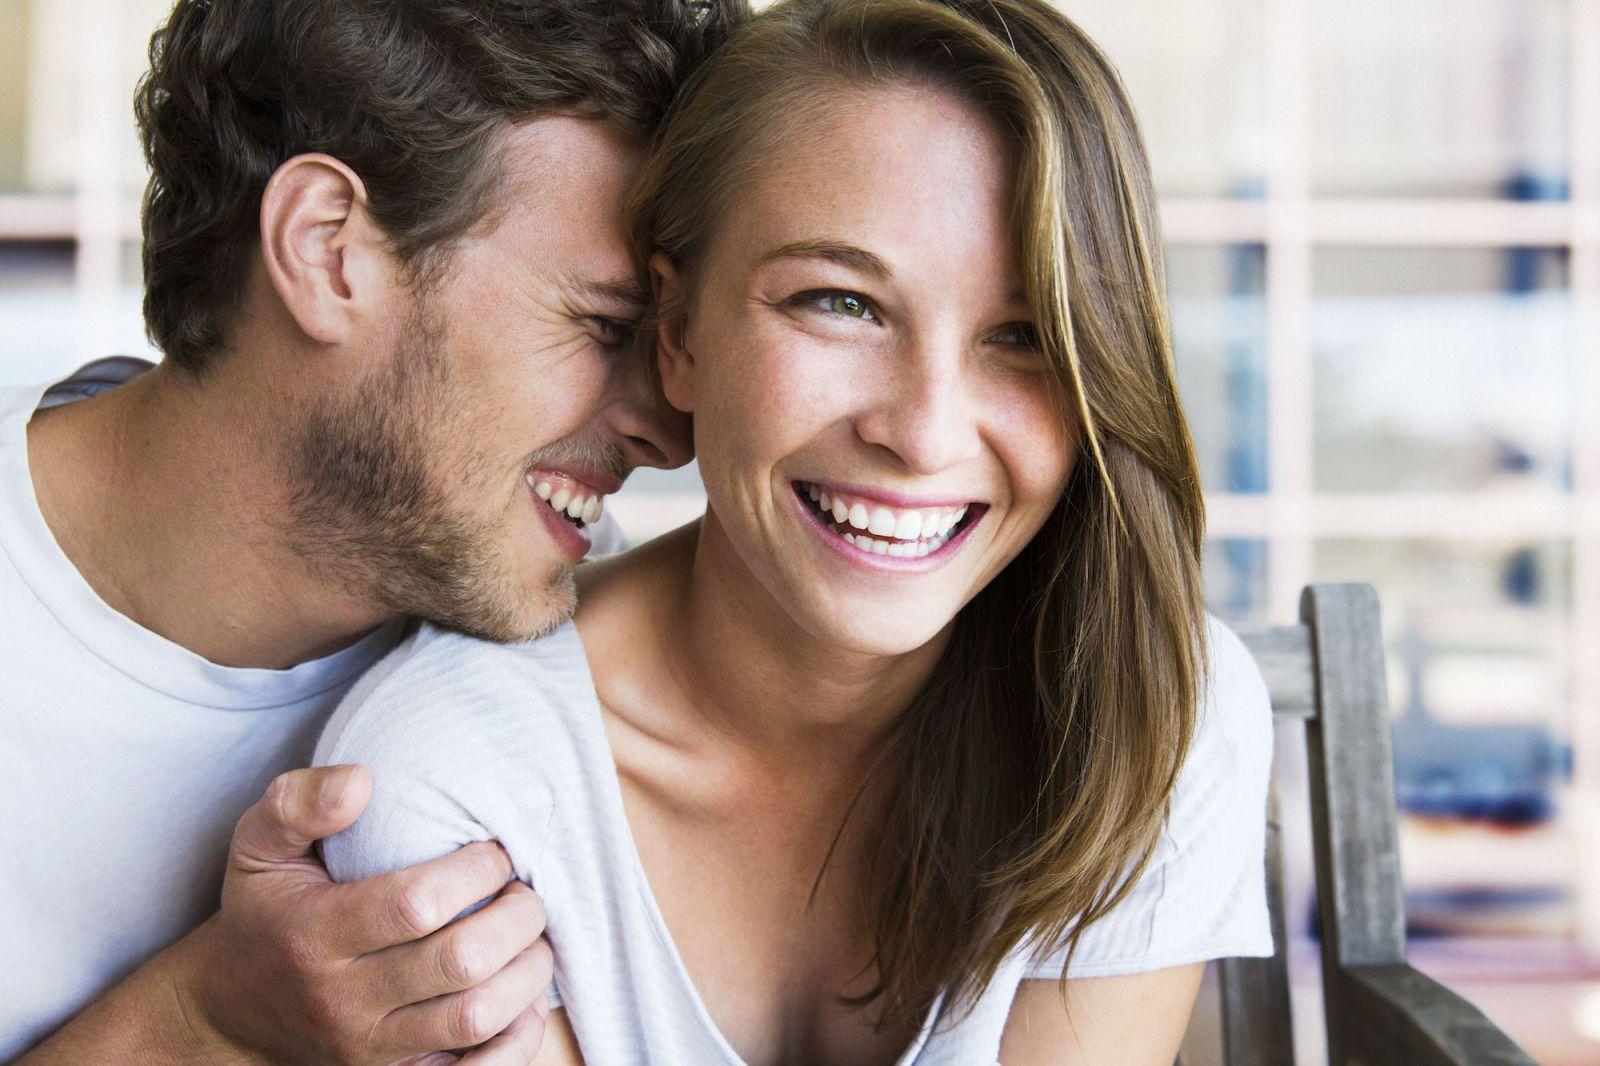 flirting moves that work on women day 2016 full version